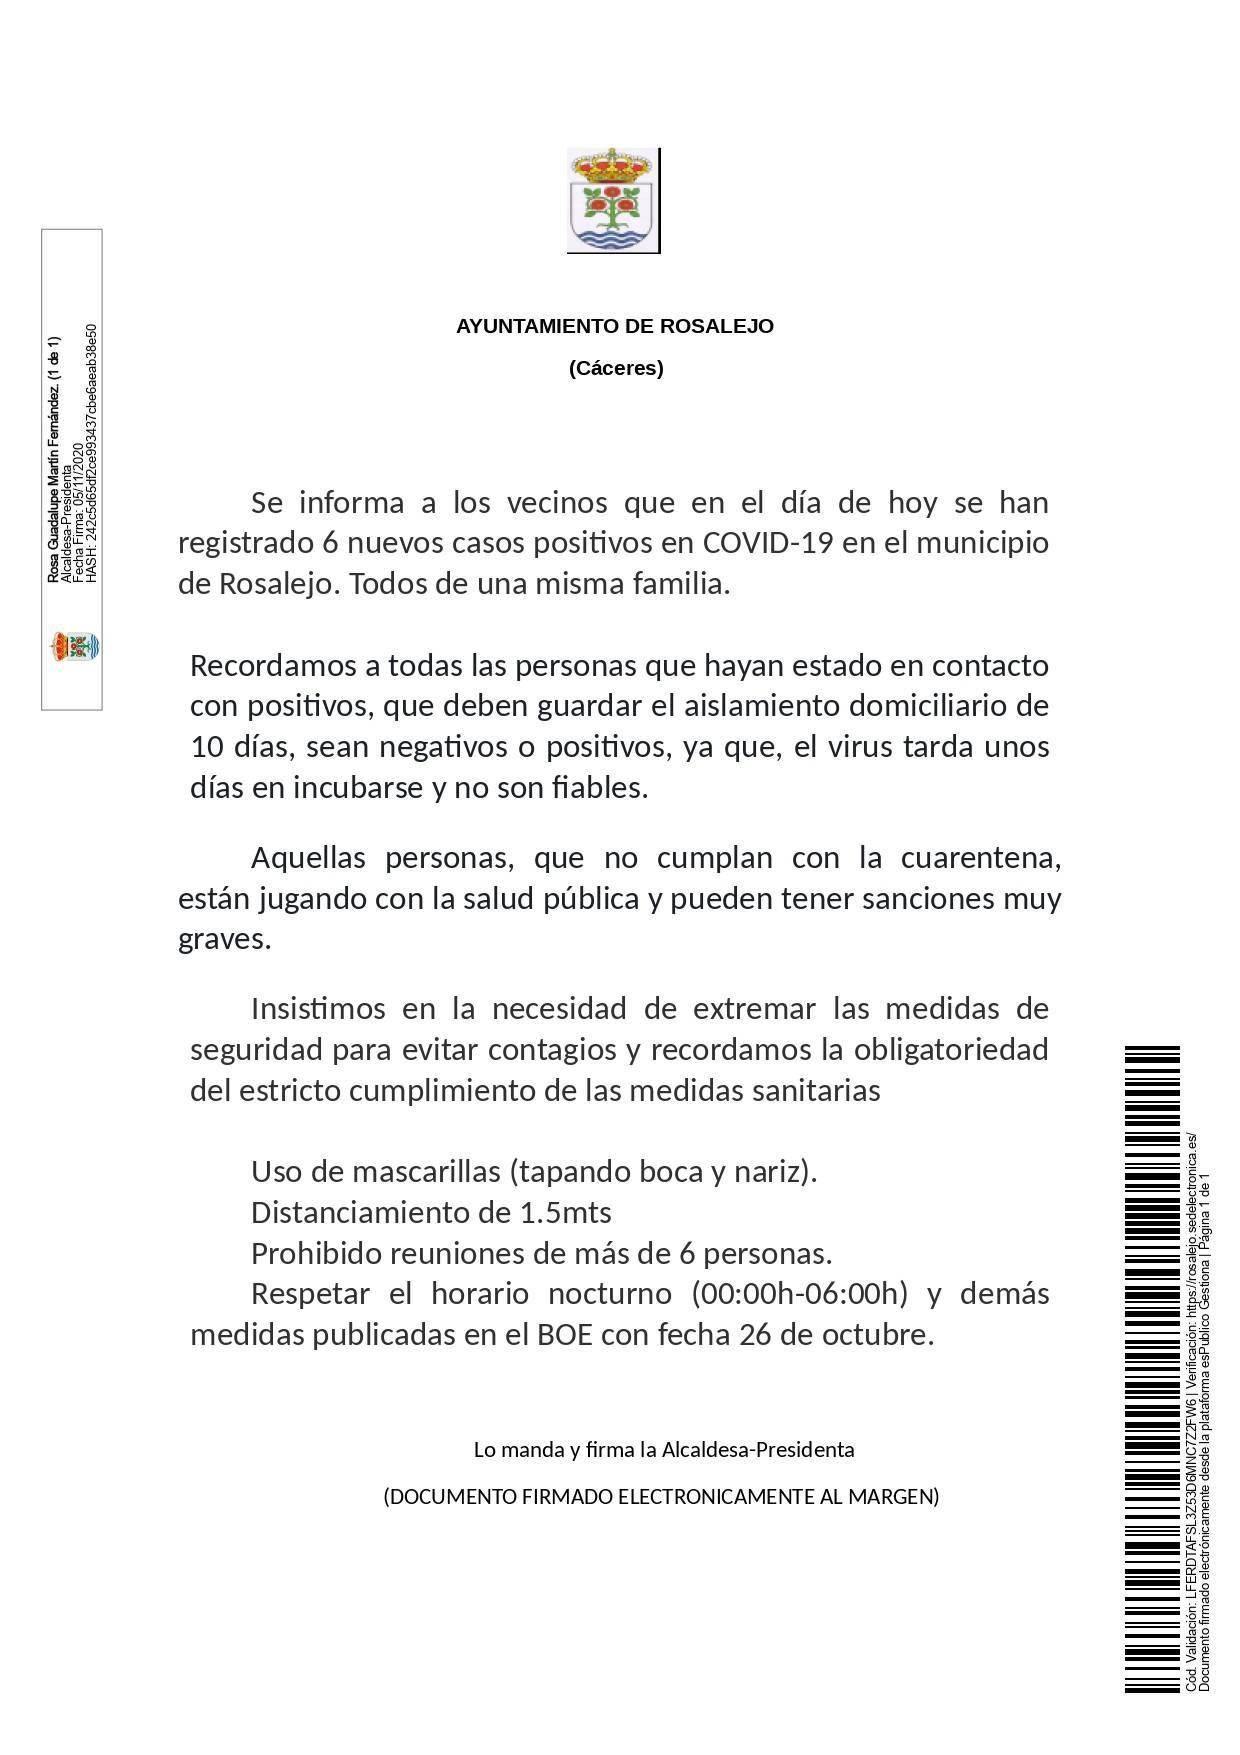 6 nuevos casos positivos de COVID-19 (noviembre 2020) - Rosalejo (Cáceres)